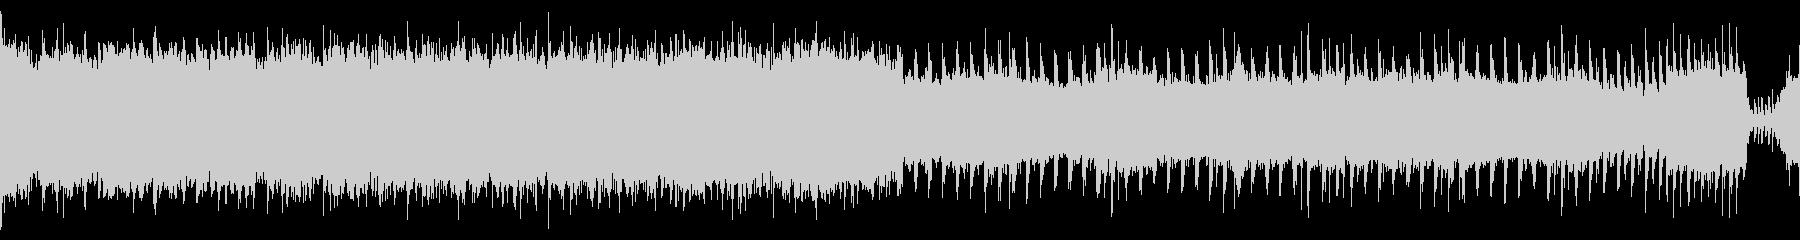 【ループ】激しいロック盛り上がるアンセムの未再生の波形